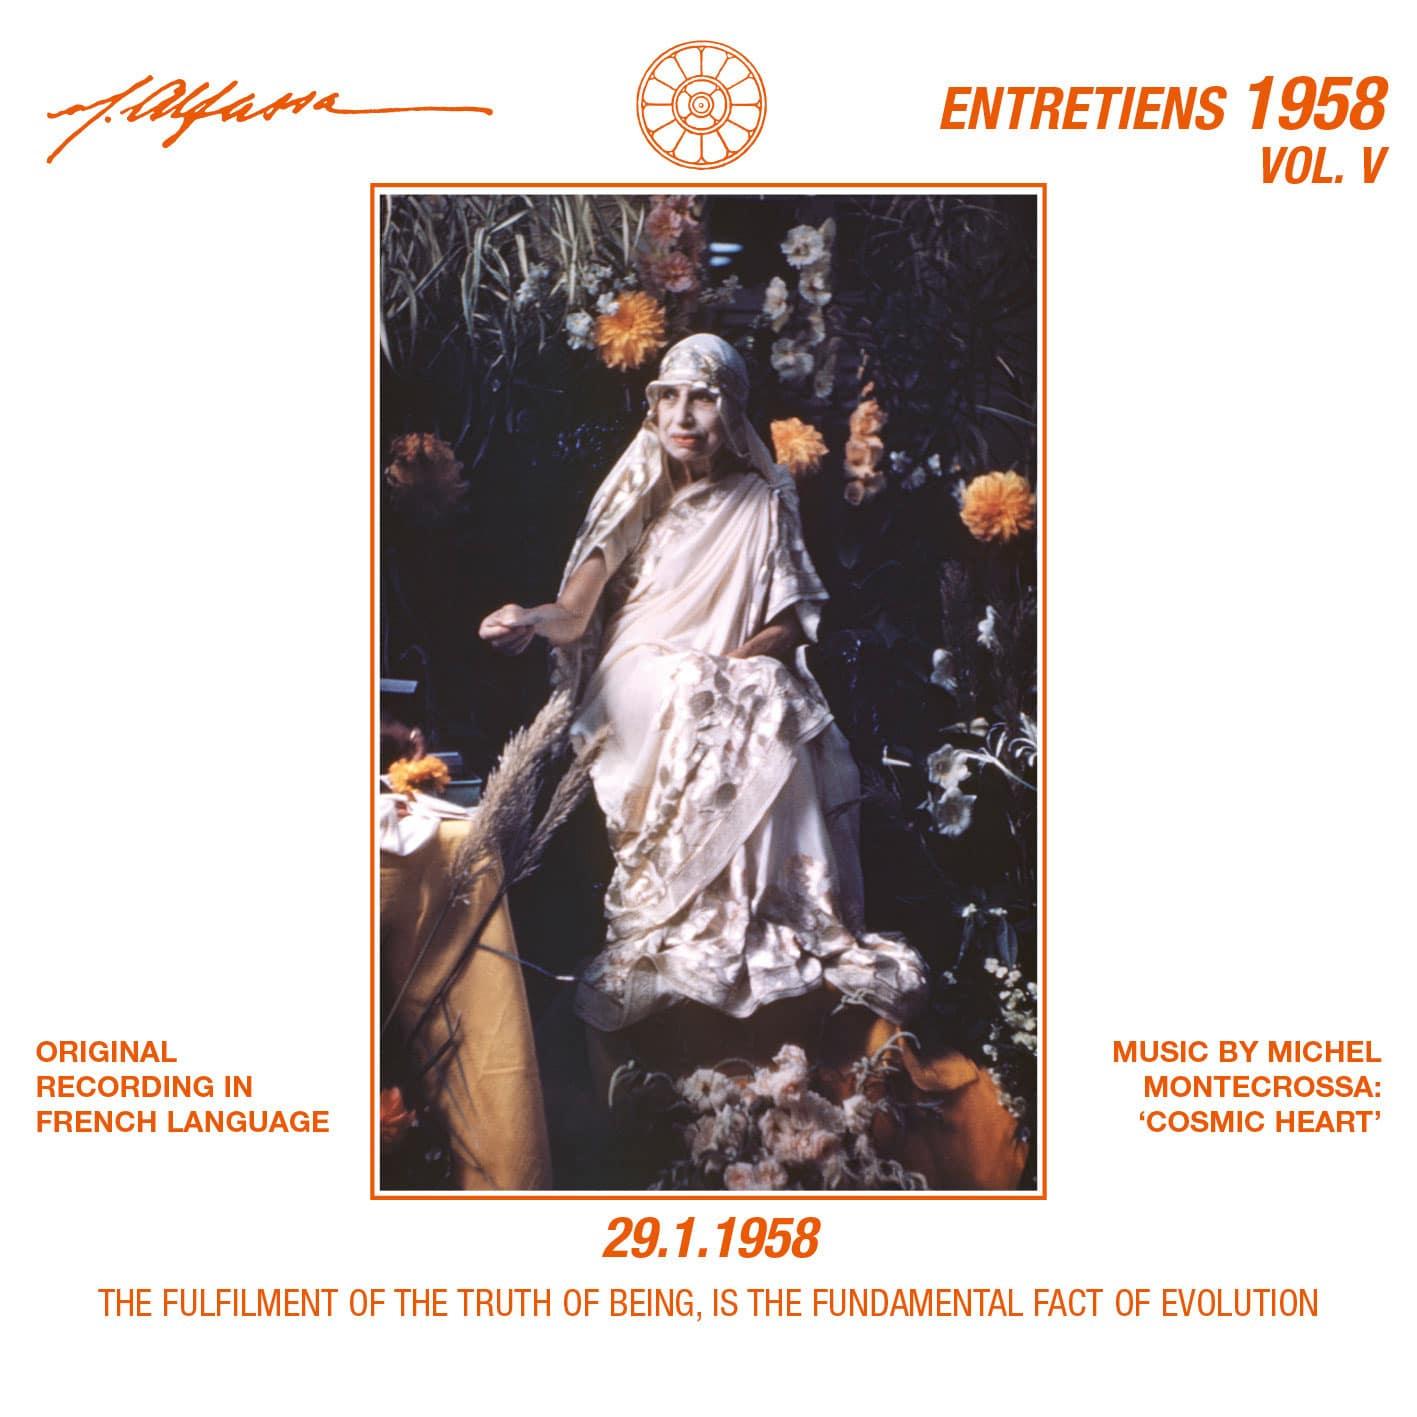 Entretiens Vol. 5 - 29.1.1958